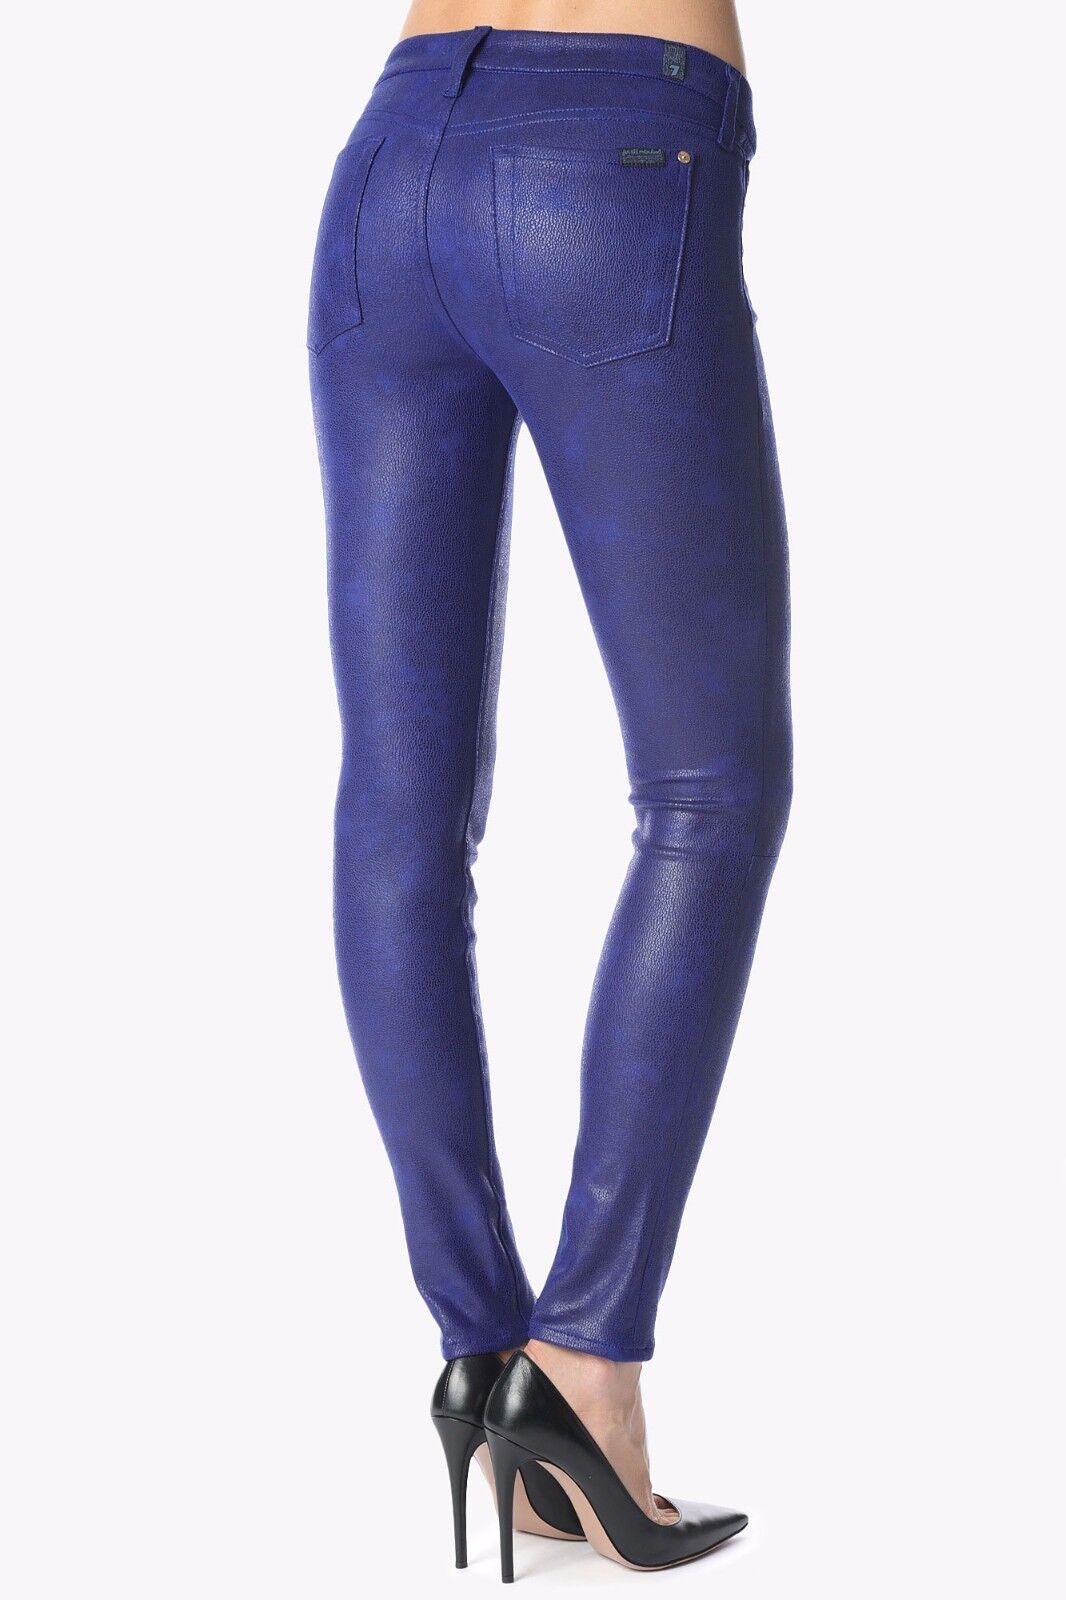 Nuova Nuova Nuova con Etichetta 7 per Tutti Sz26 il Cucito Jeans Aderenti 099bbb